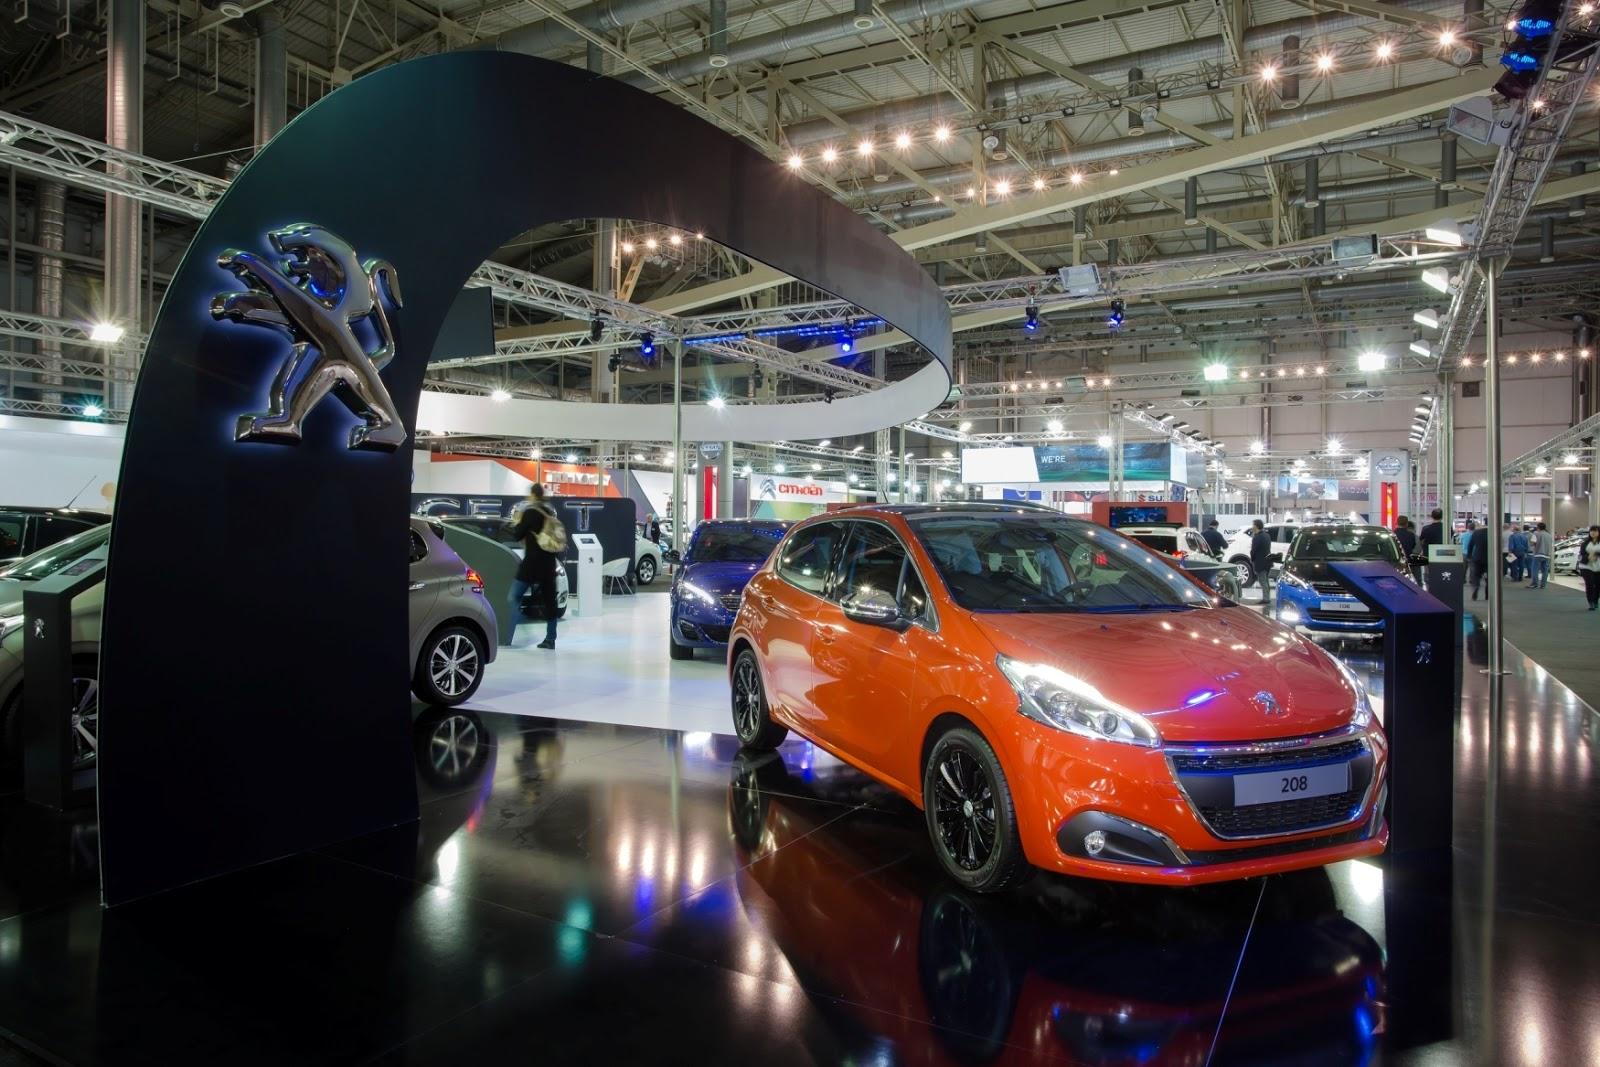 photo%2B1L Γιατί όλοι τρέχουν στο περίπτερο της Peugeot, στην Αυτοκίνηση;